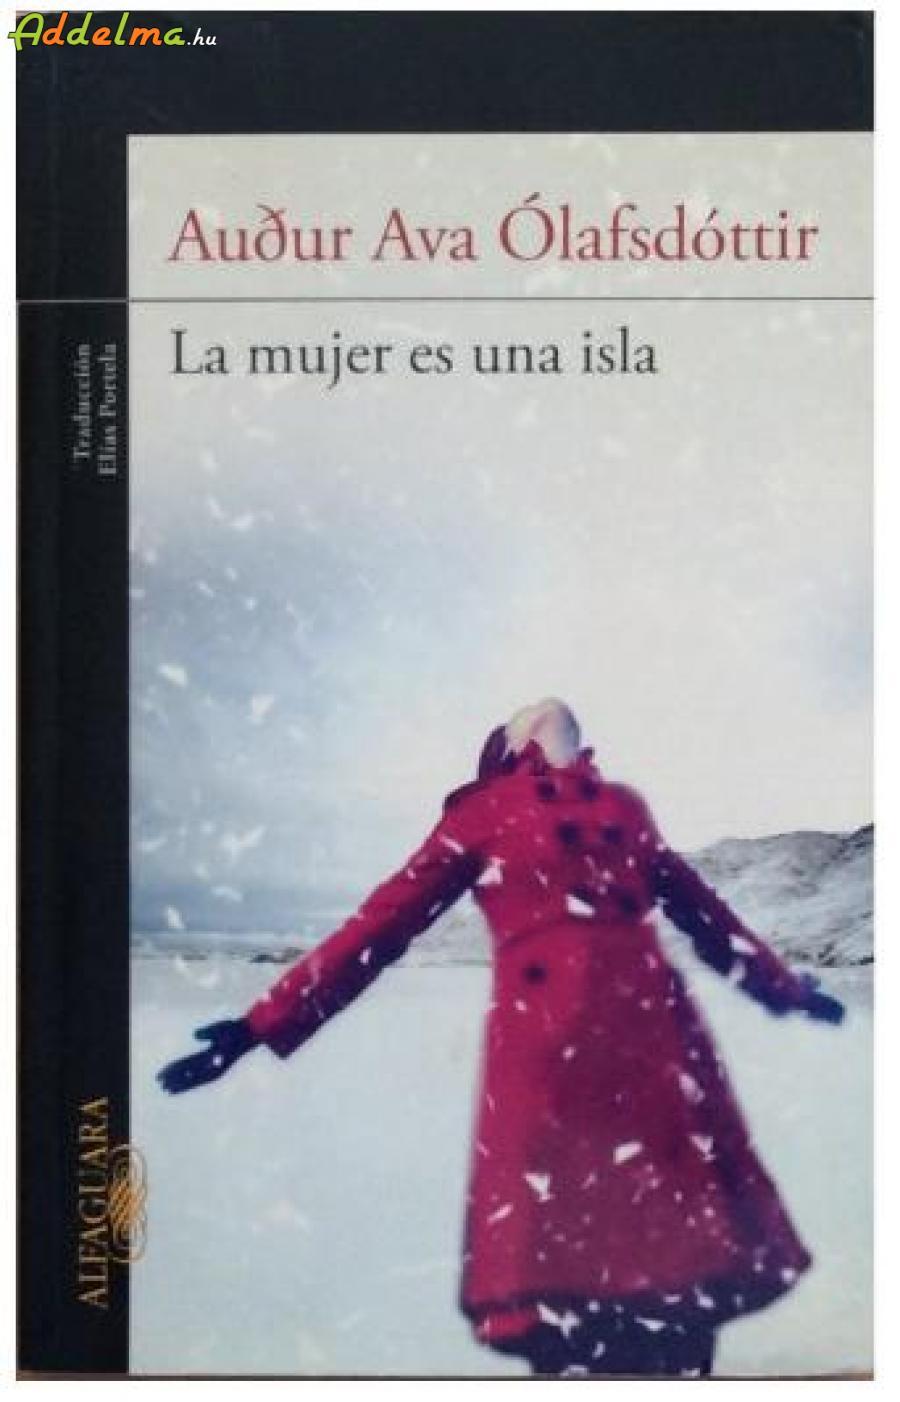 Auður ava ólafsdóttir: la mujeres una isla